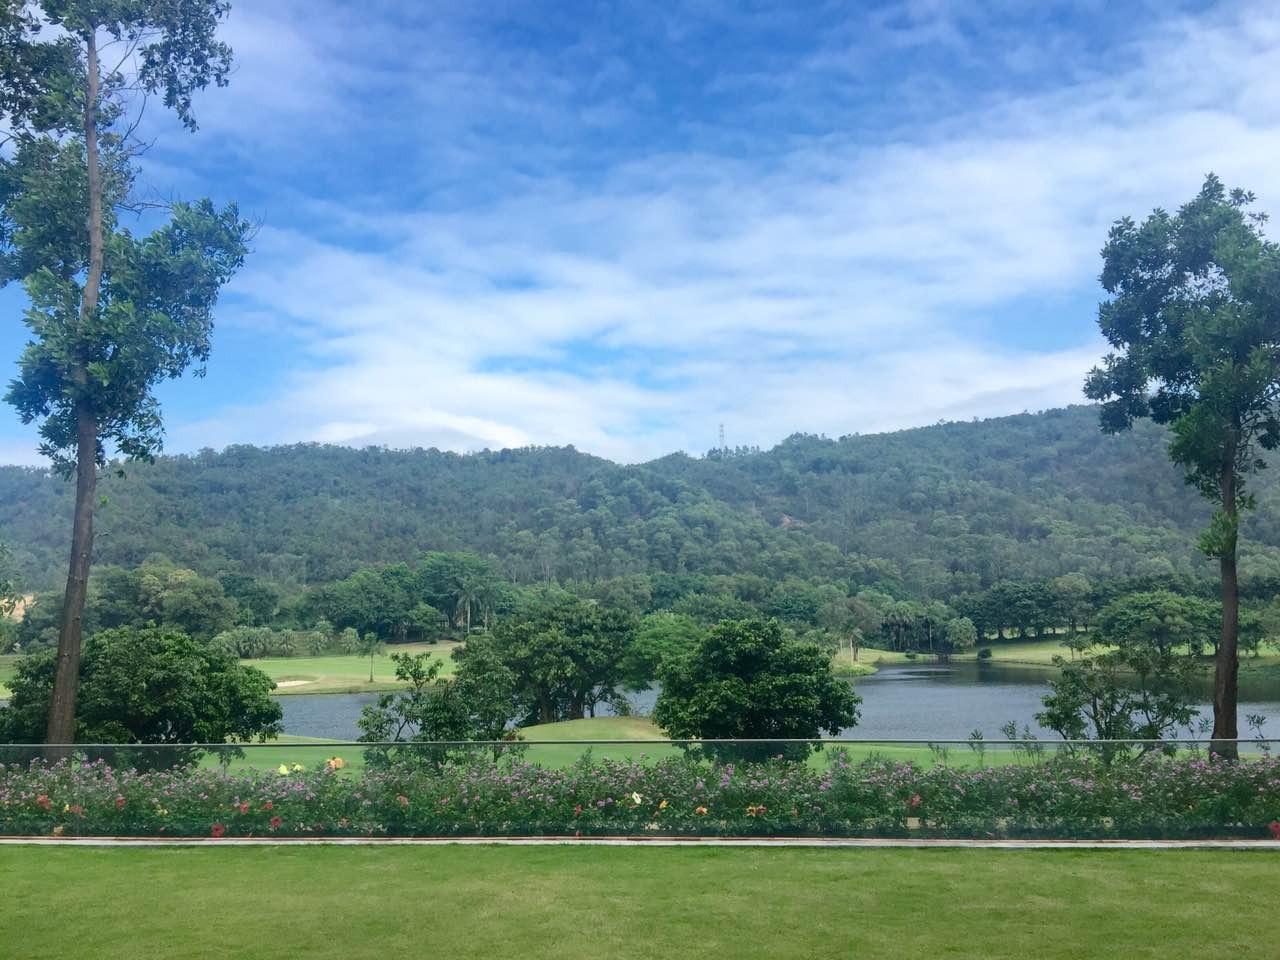 九龙湖5a度假区 无树遮挡高尔夫景  180度 湖景